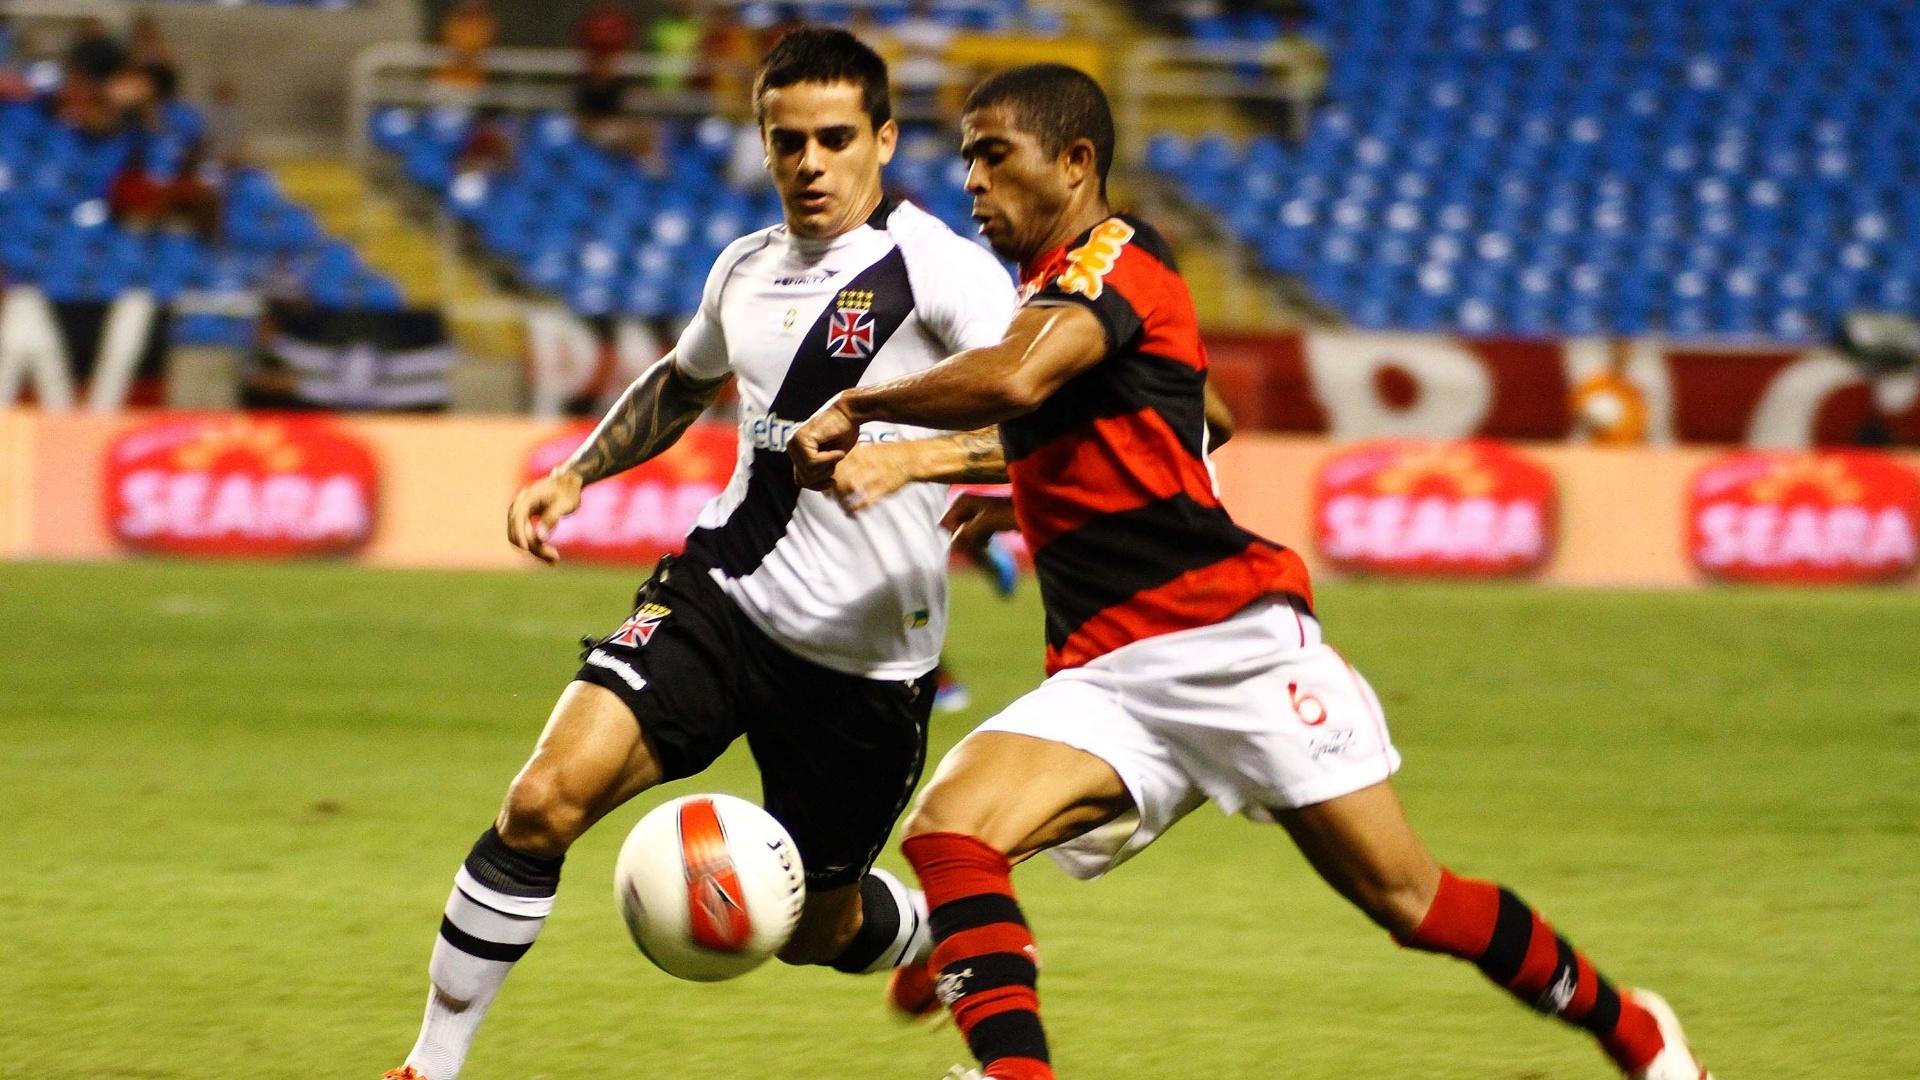 Lateral esquerdo Junior Cesar, do Flamengo, tenta passar pela marcação do vascaíno Fagner, em clássico no estádio do Engenhão